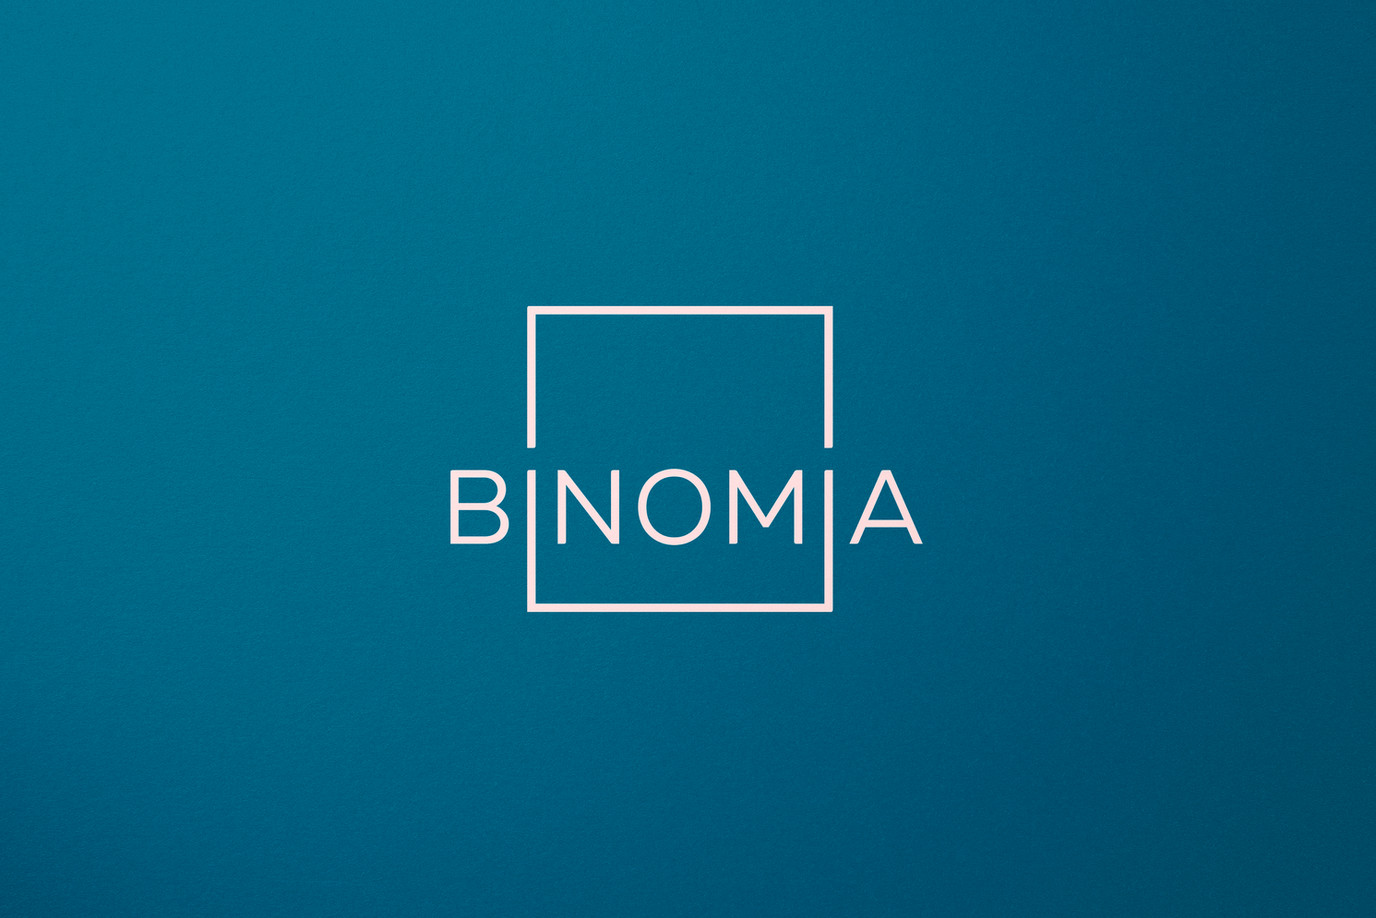 04-BINOMIA_MOCKUP.jpg